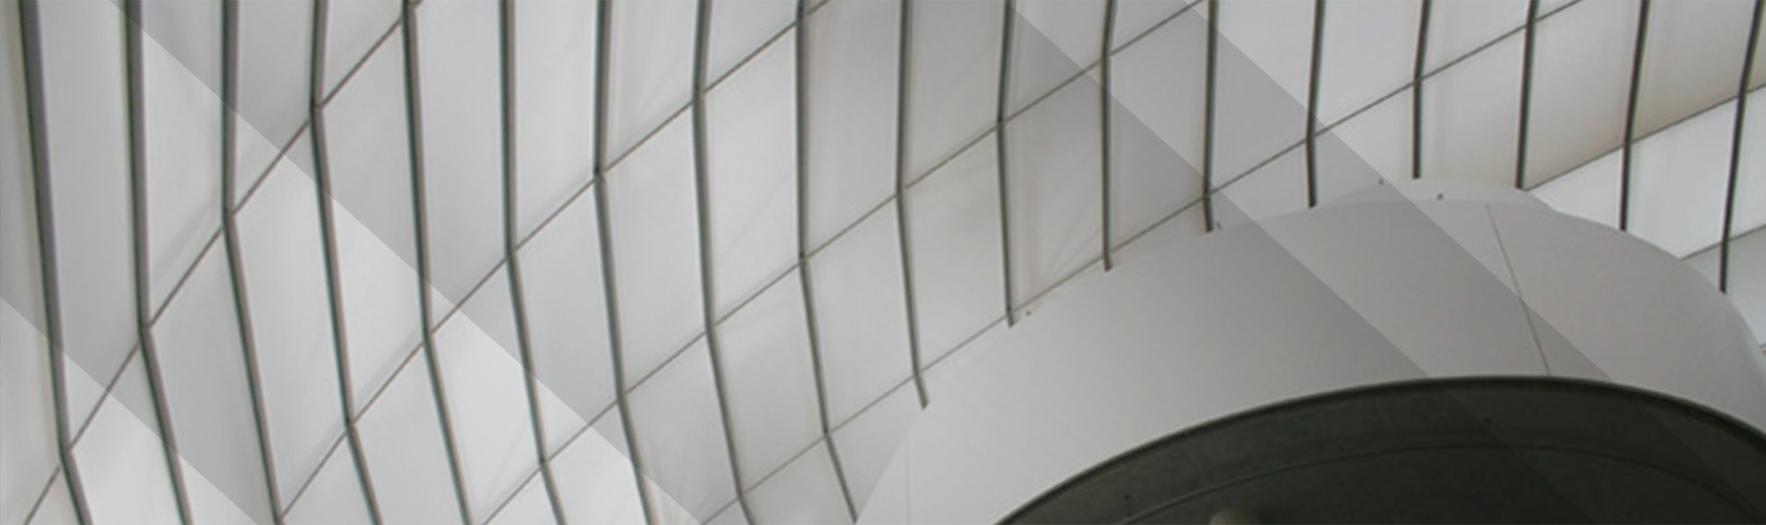 Stottrop-Textil Slider Image http://www.stottrop-textil.de/wp-content/uploads/2016/02/slide01.jpg